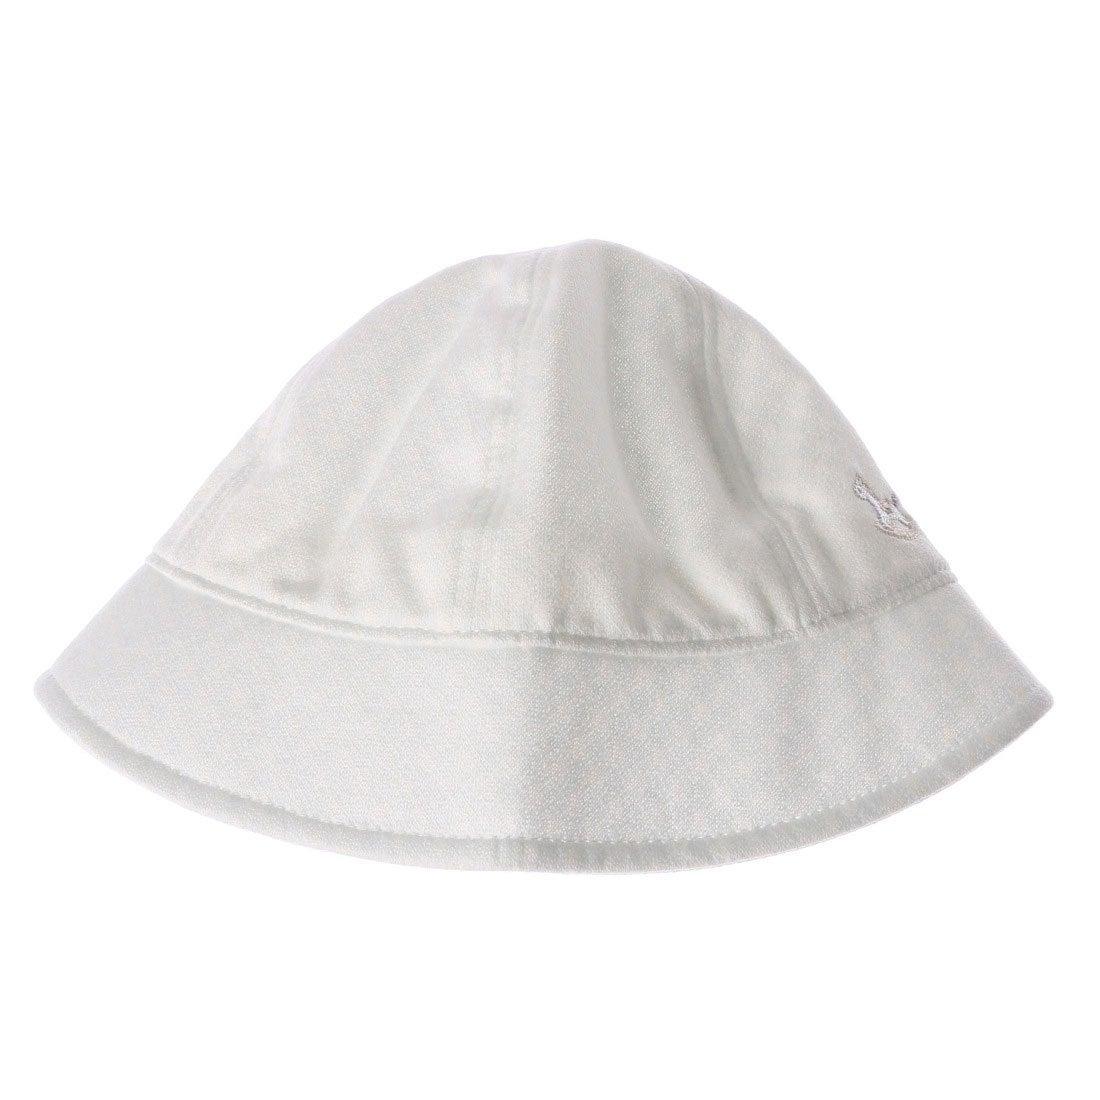 168e1285c207d セレク CELEC チェック柄帽子 (ブルー) -アウトレット通販 ロコレット (LOCOLET)